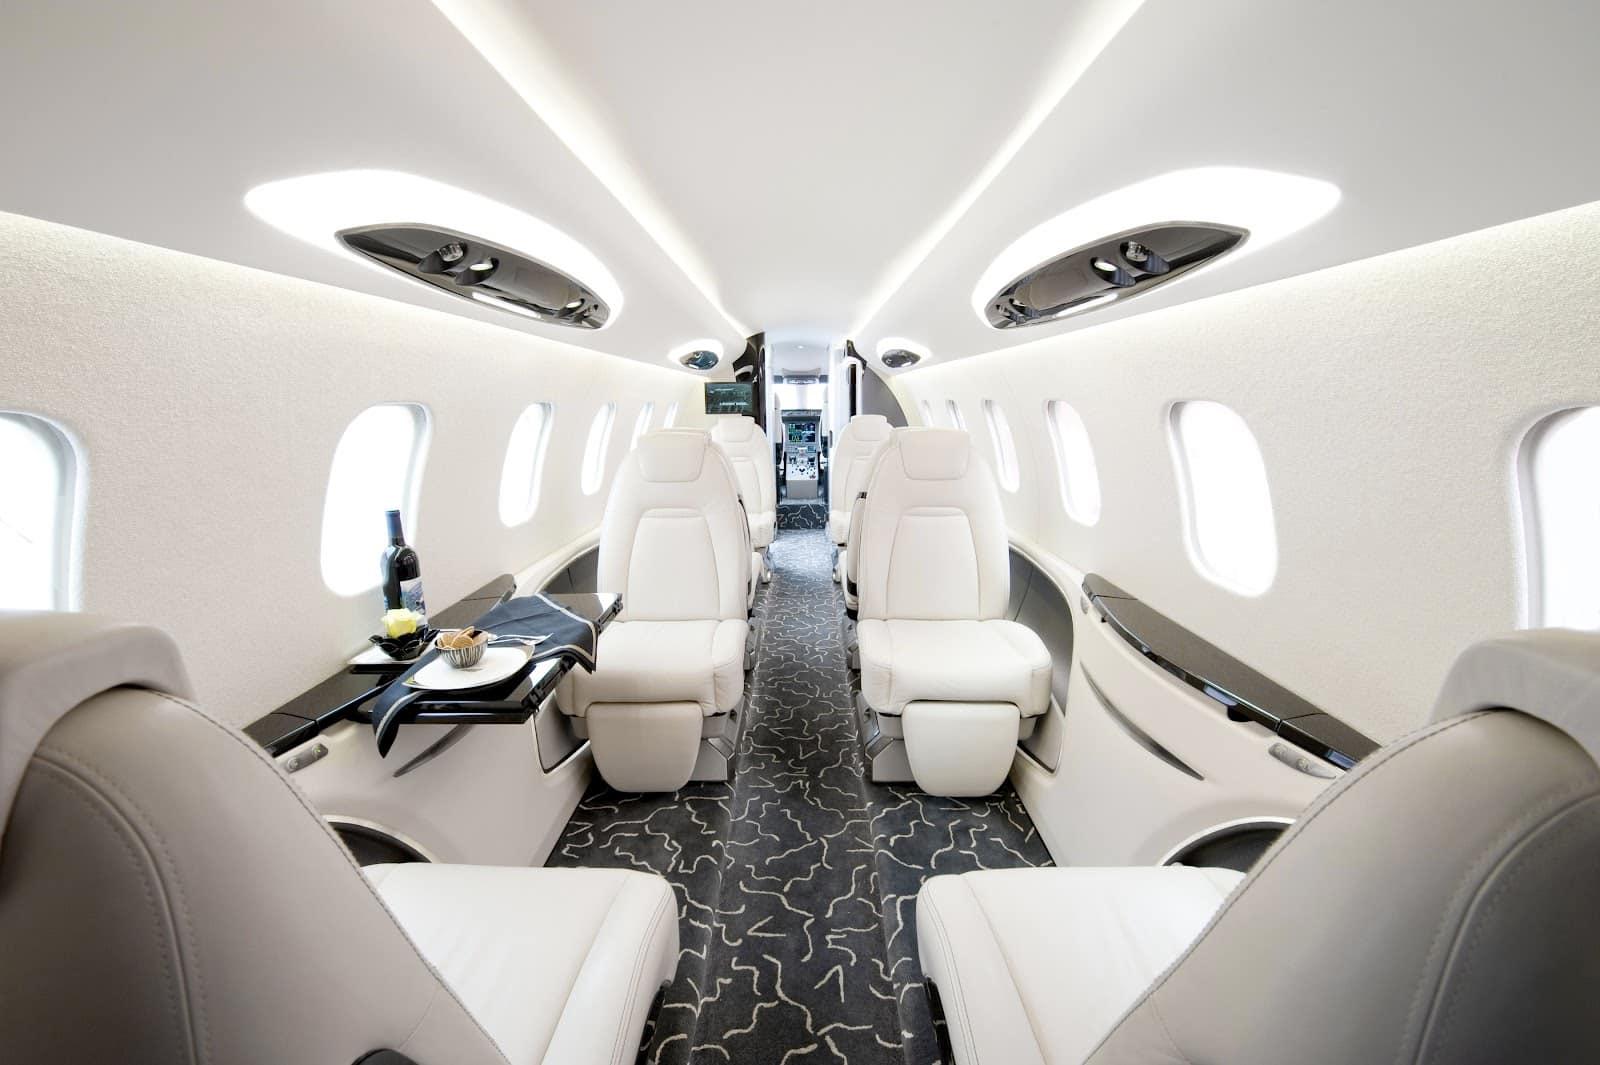 voyage en jet priv un accord parfait entre plaisir et commodit. Black Bedroom Furniture Sets. Home Design Ideas